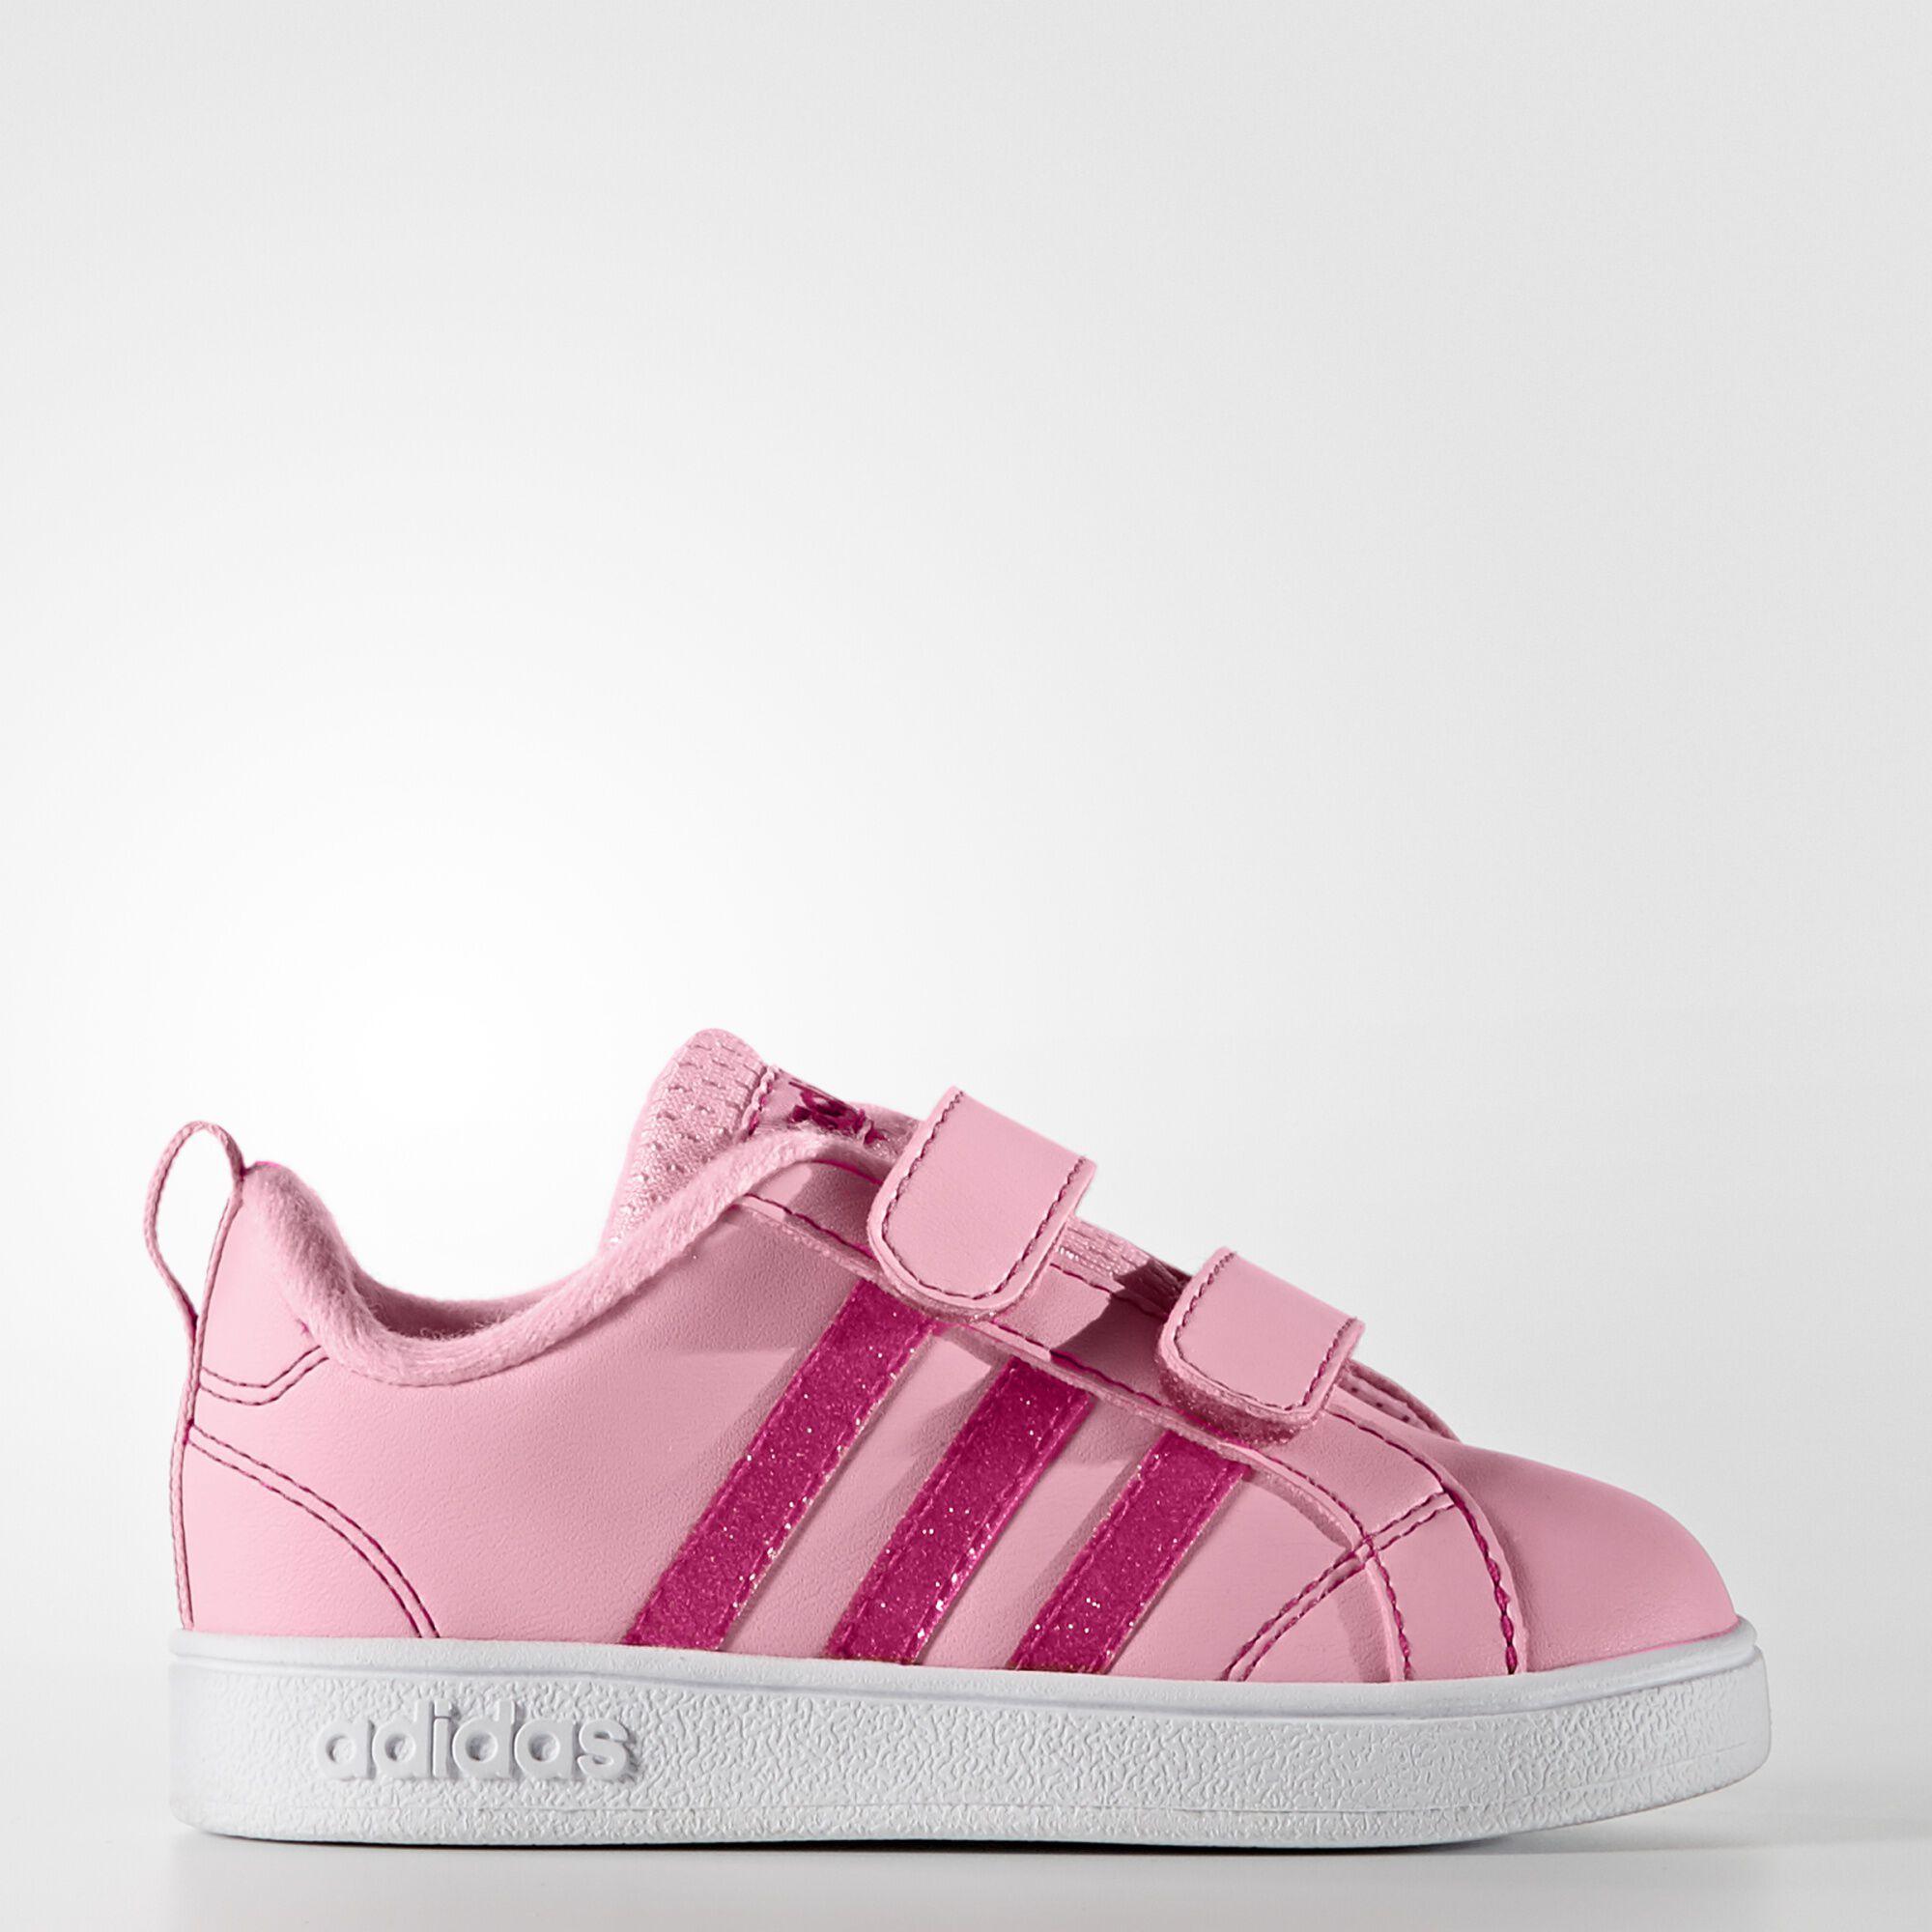 b513a9cf1 zapatillas adidas neo bebe